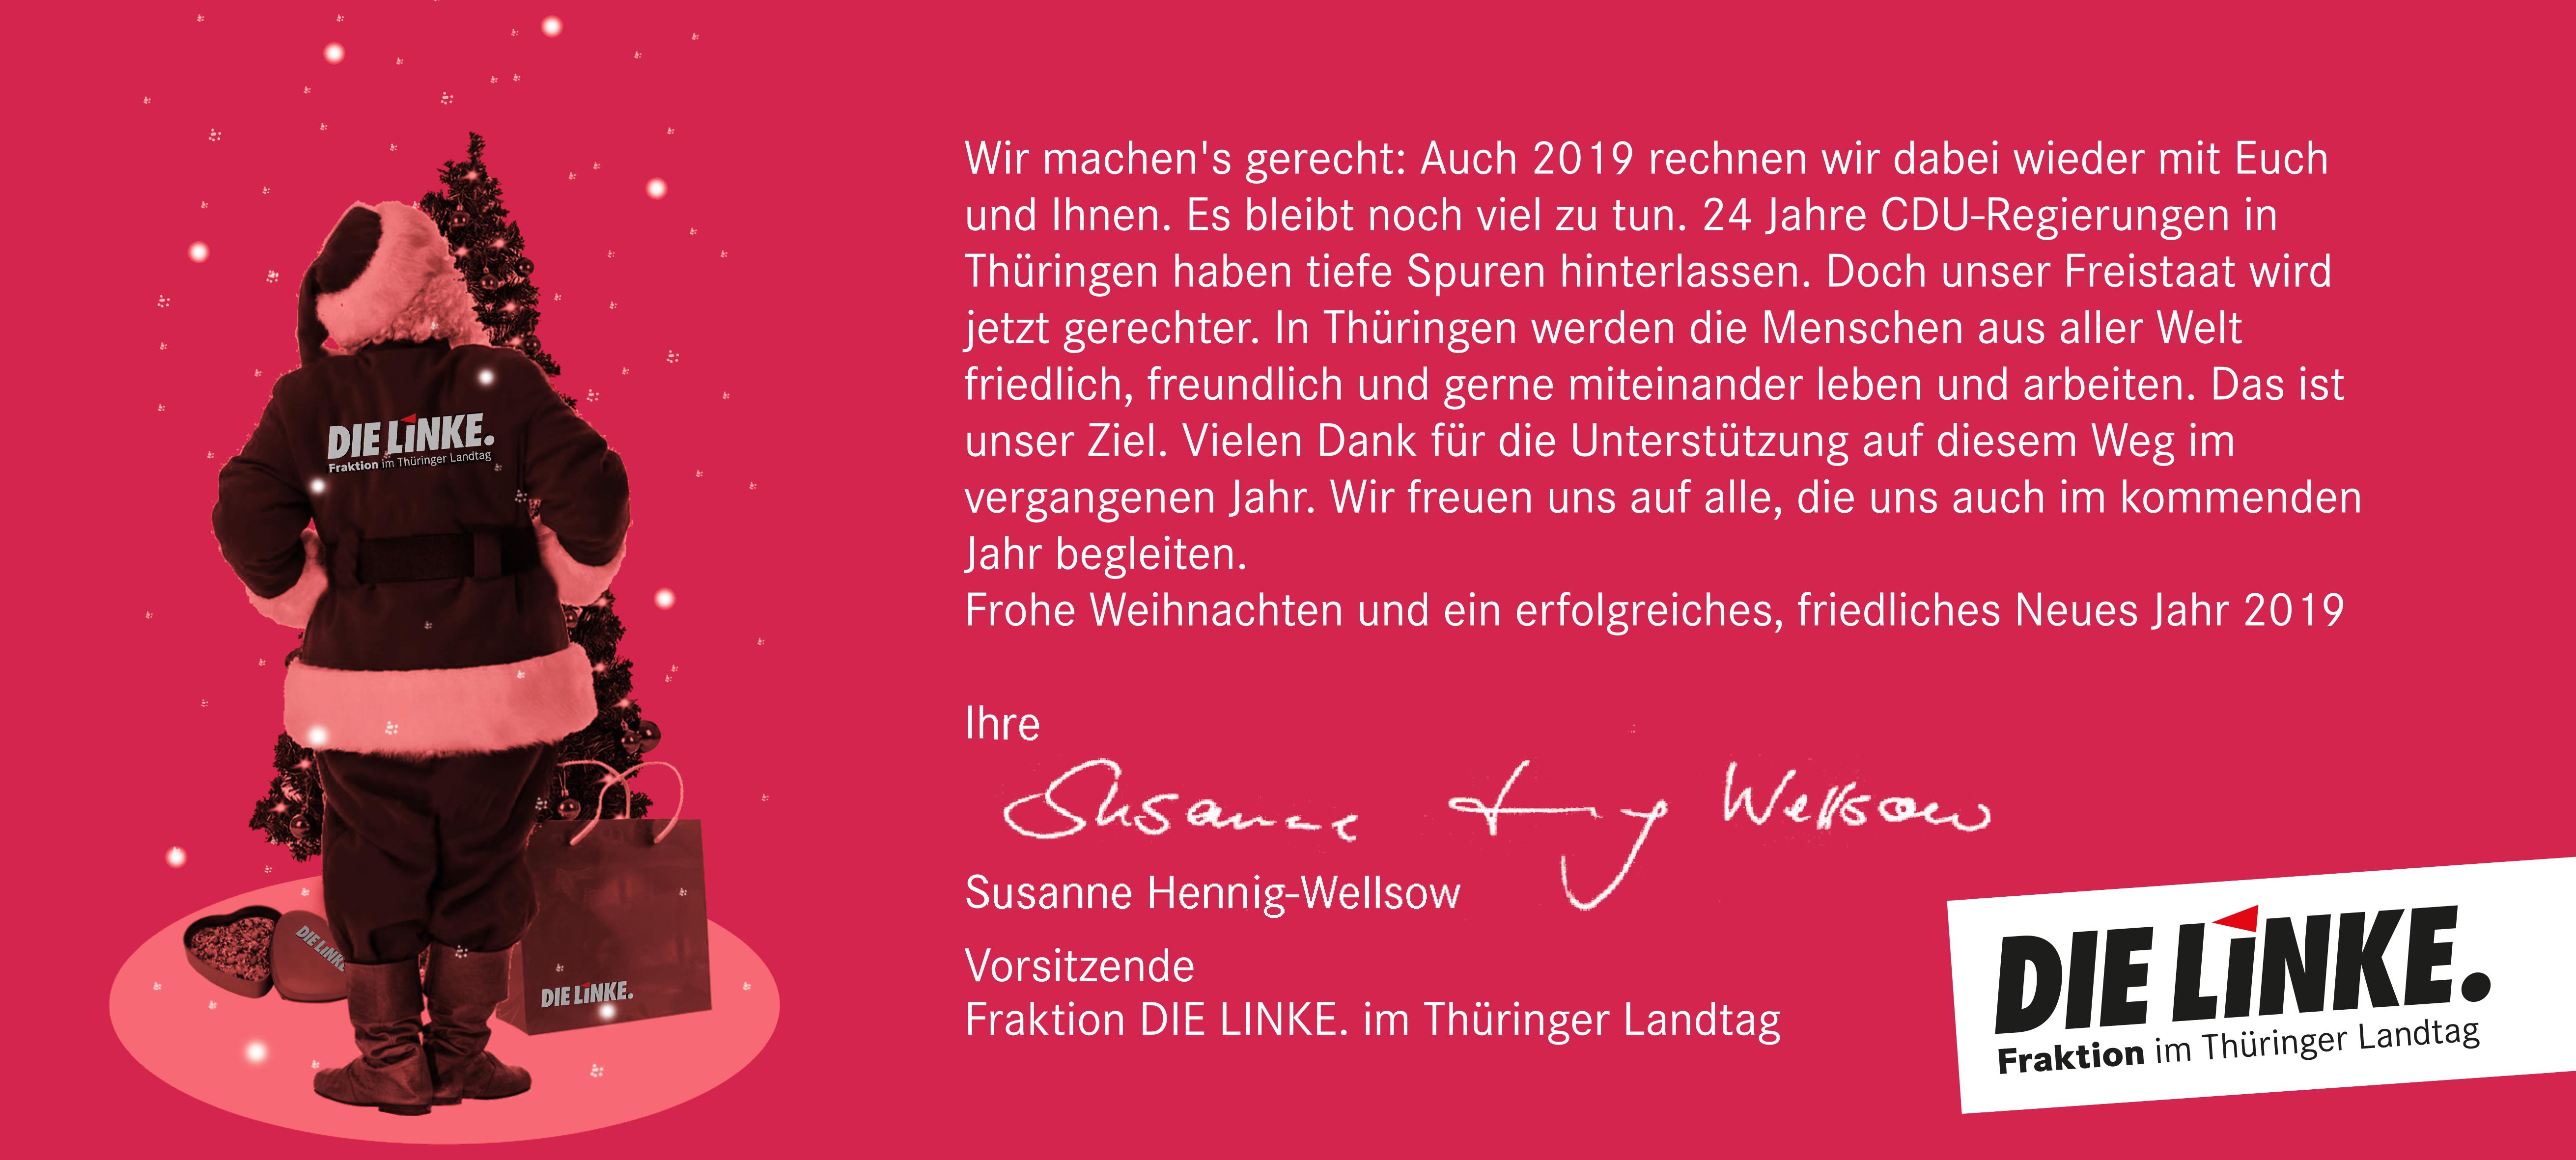 Frohe Weihnachten Und Ein Erfolgreiches Neues Jahr.Frohe Weihnachten Und Ein Erfolgreiches Friedliches Neues Jahr 2019